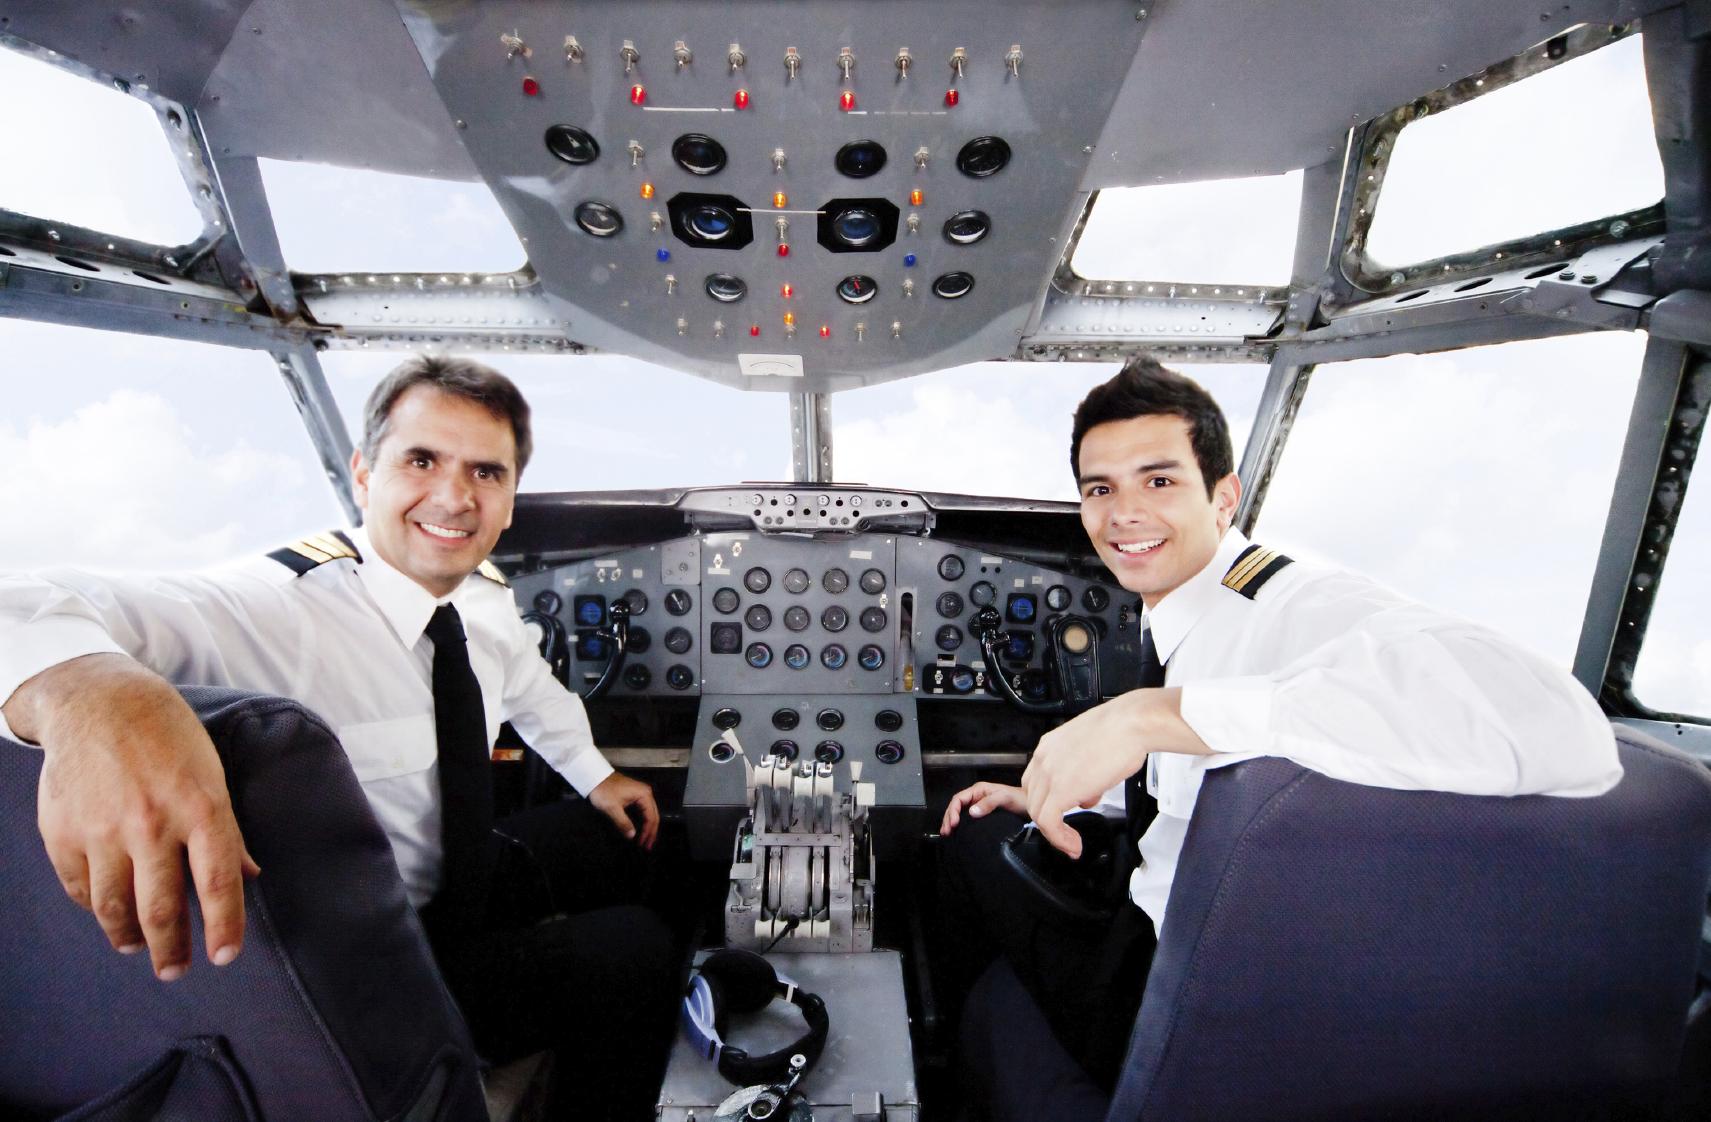 Фото самолетов компании s7ифото кабины пилотов 4